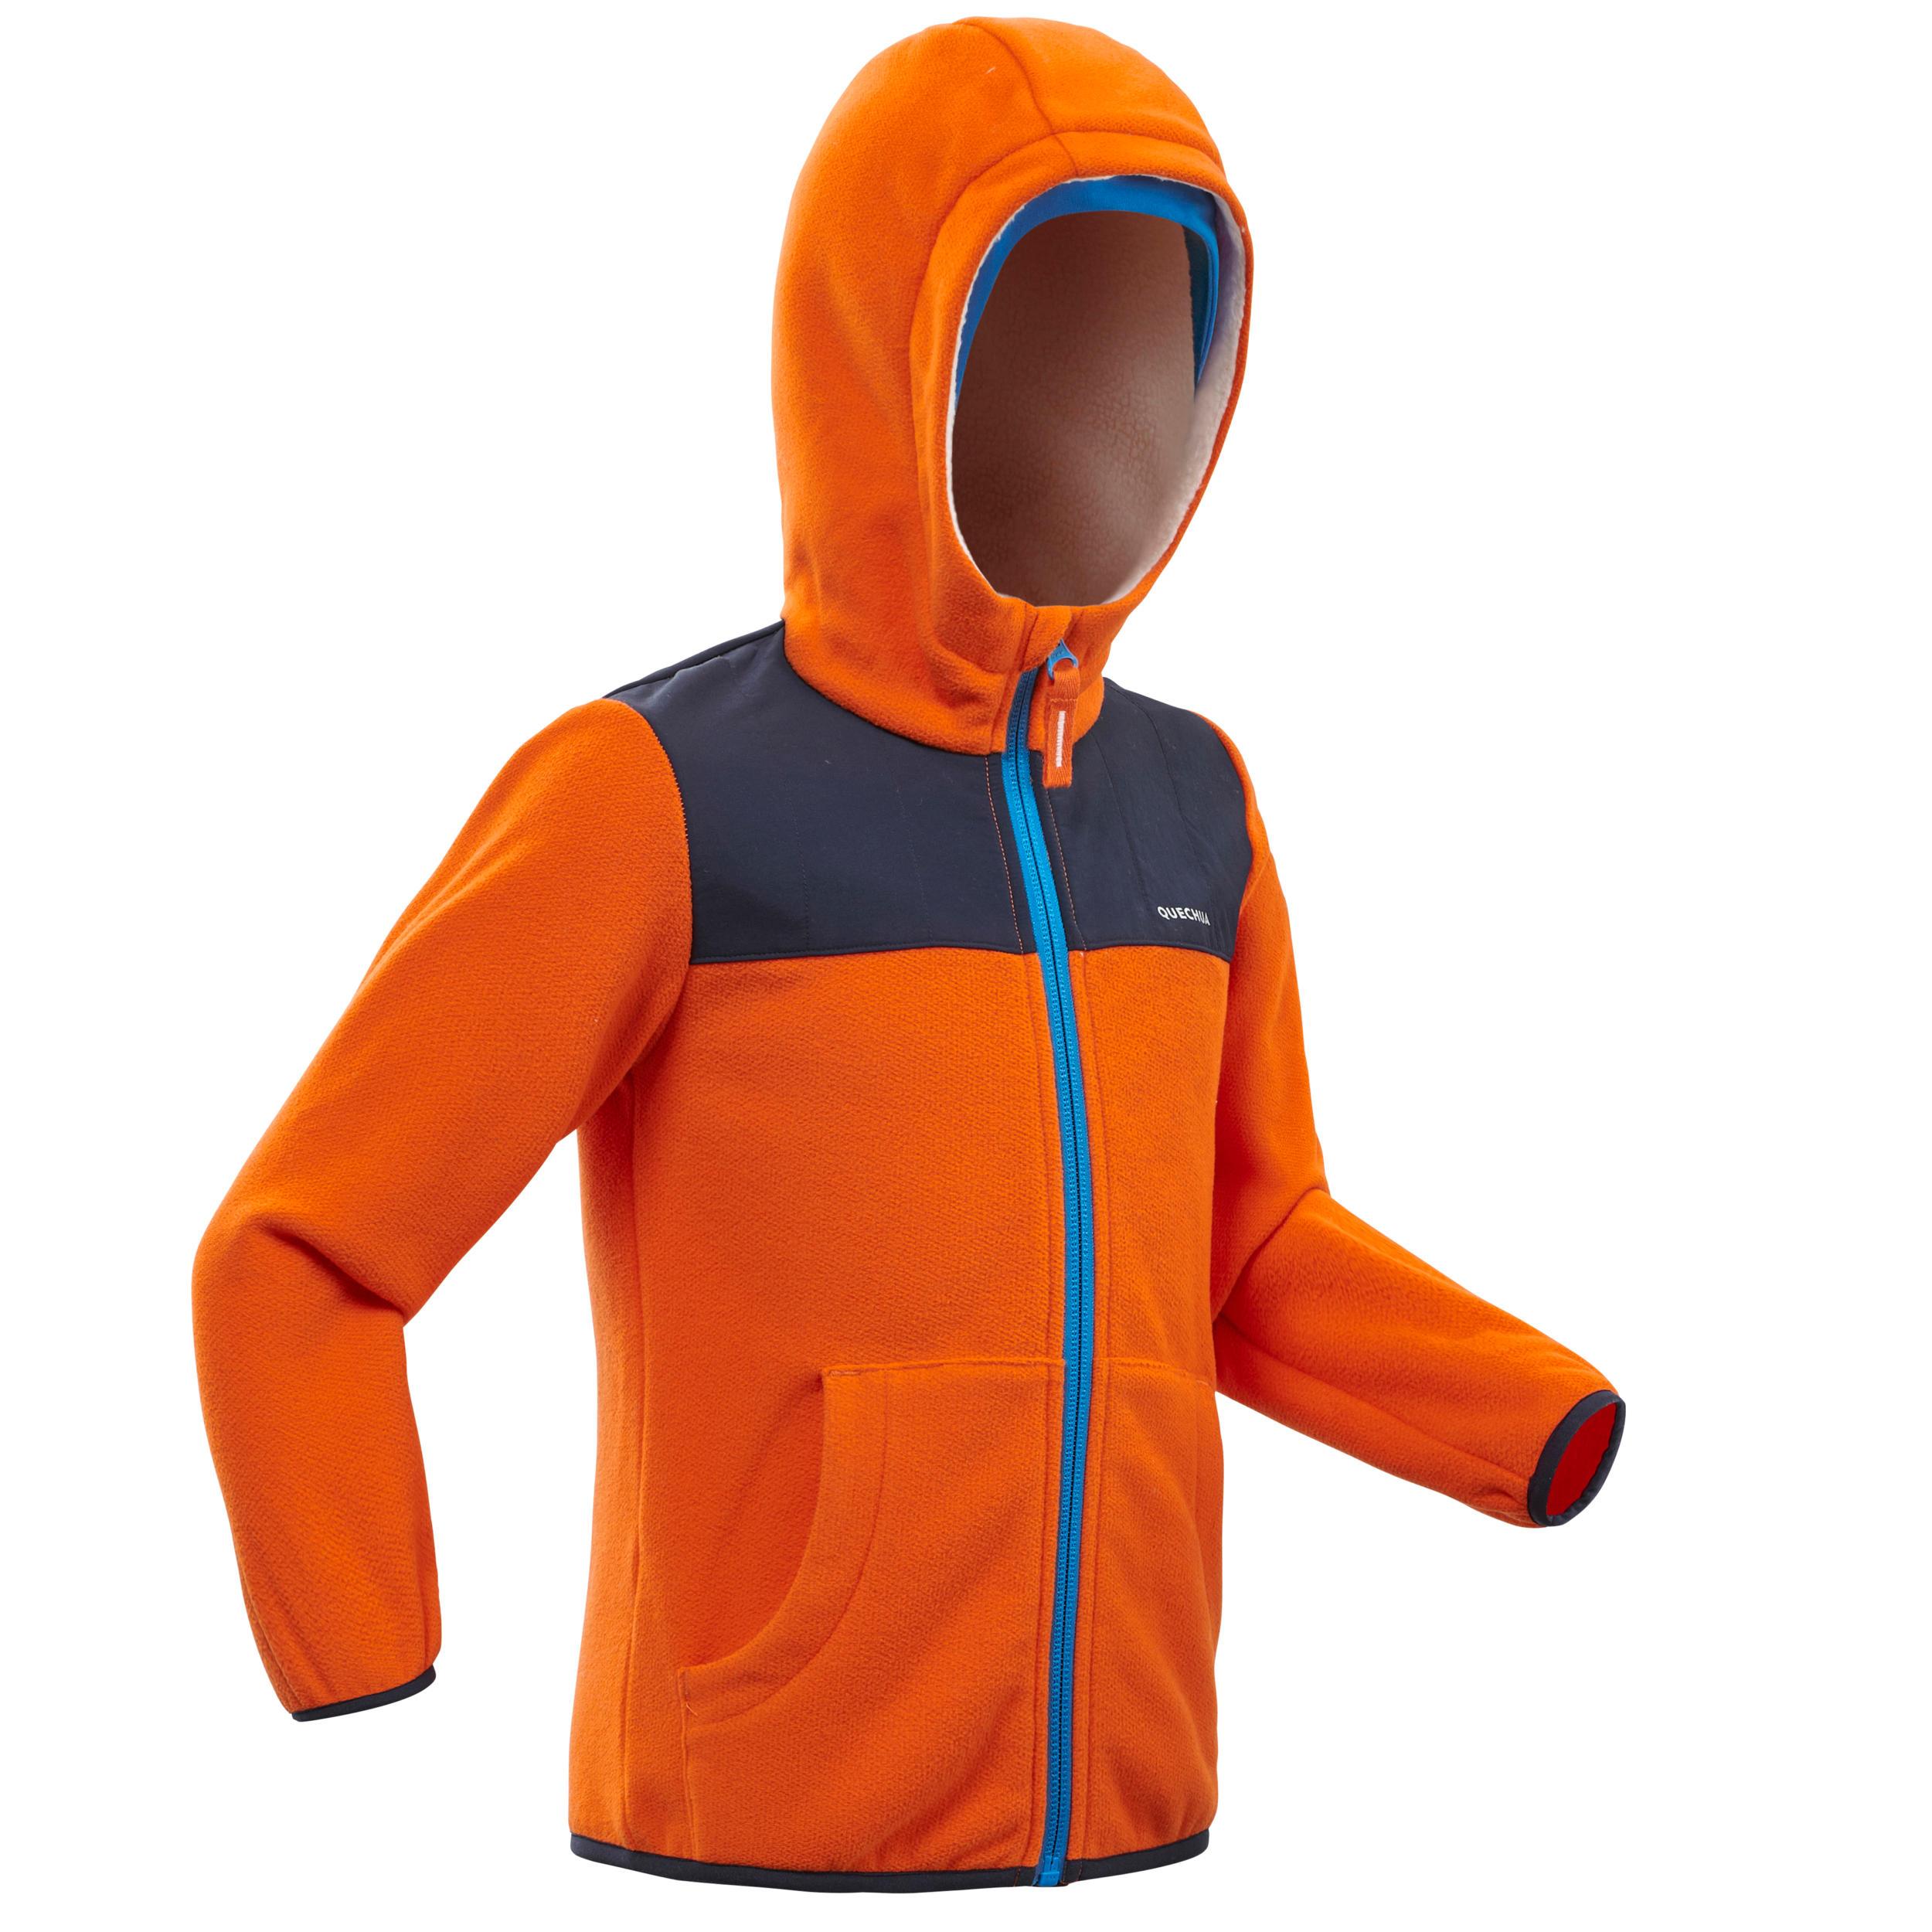 Polaire de randonnée enfant sh 500 orange 2 6 ans quechua